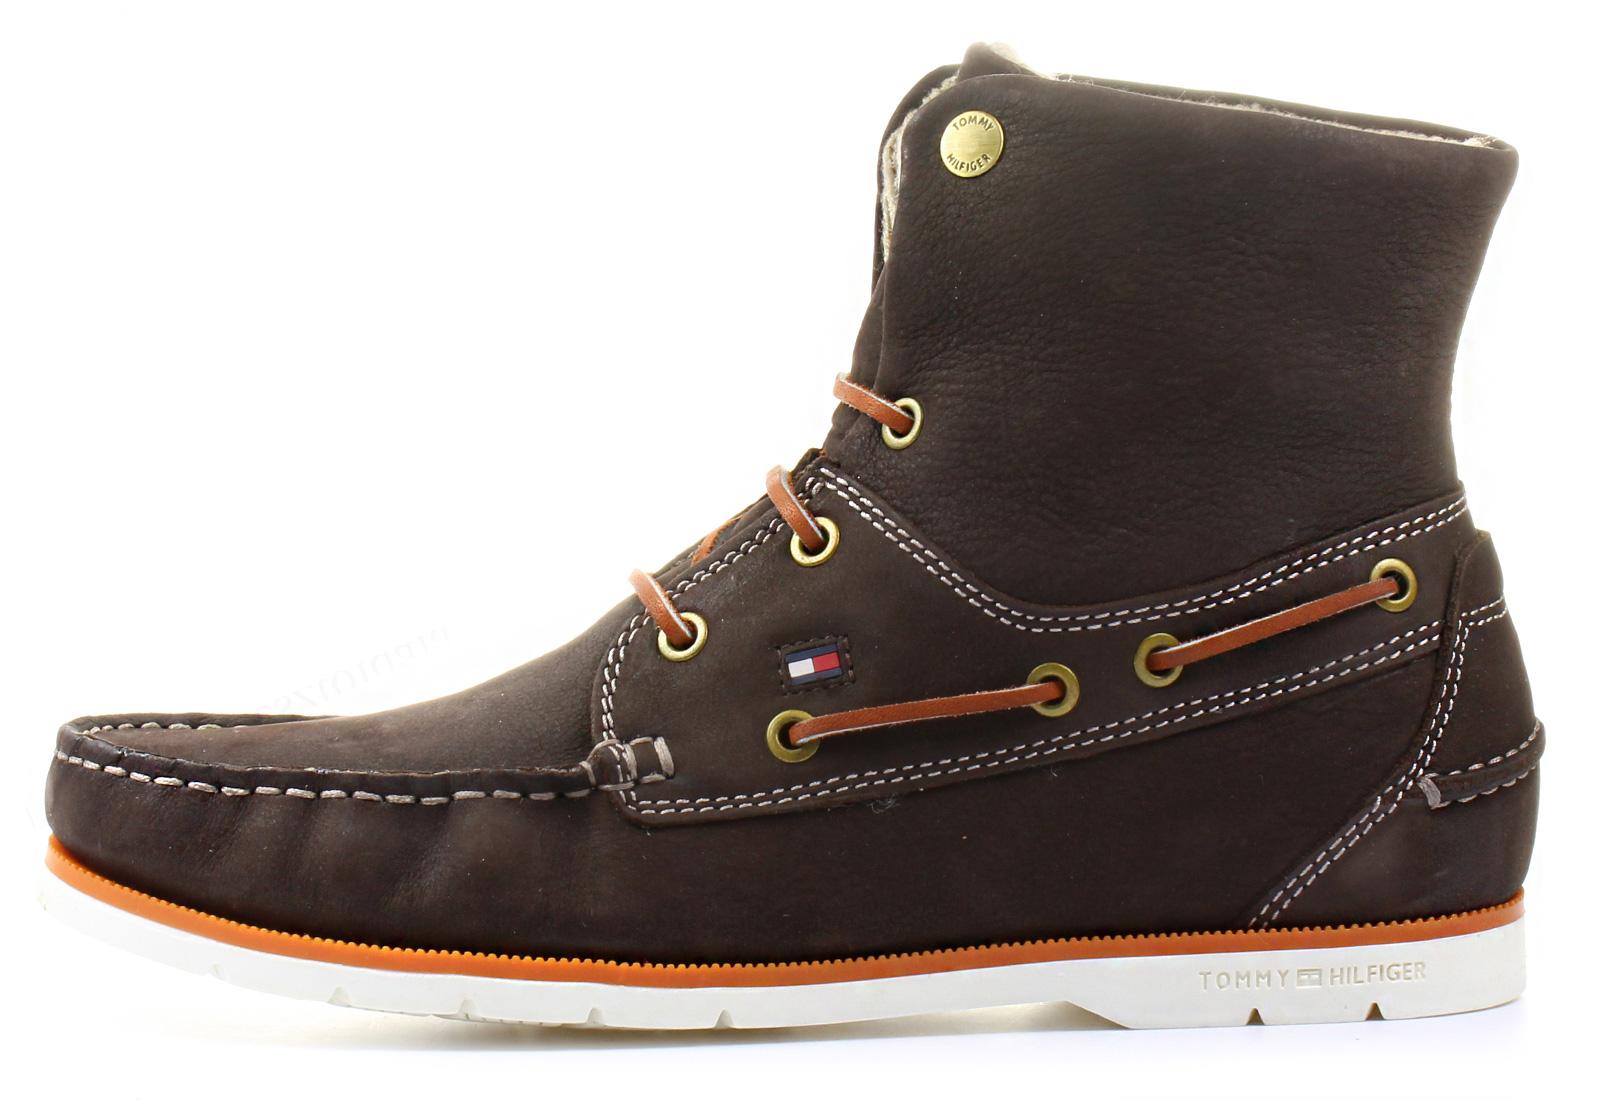 4766d7a00 212 Boots - Ivoiregion